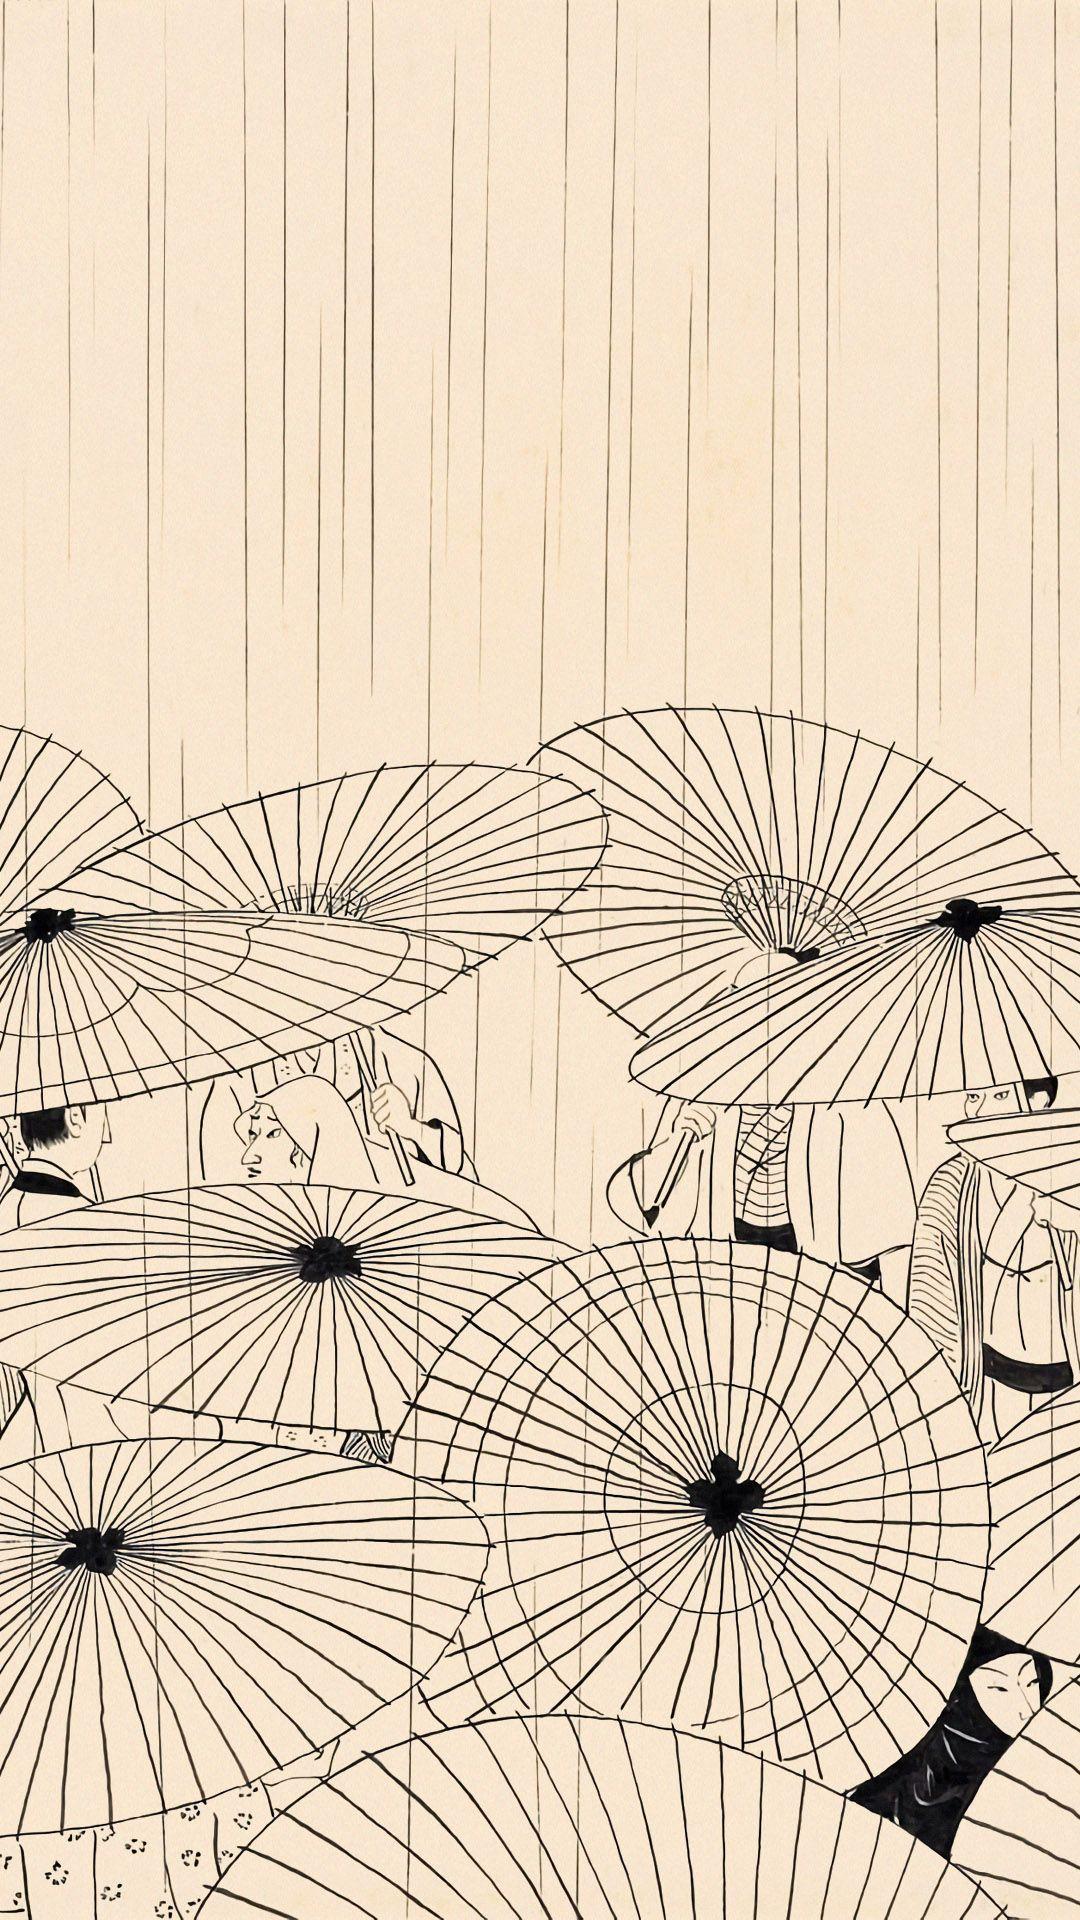 小村雪岱 おせん 傘 Komura Settai Osen Kasa 1080 19 壁紙ギャラリー Kagirohi アジアのアート イラストアート 日本画